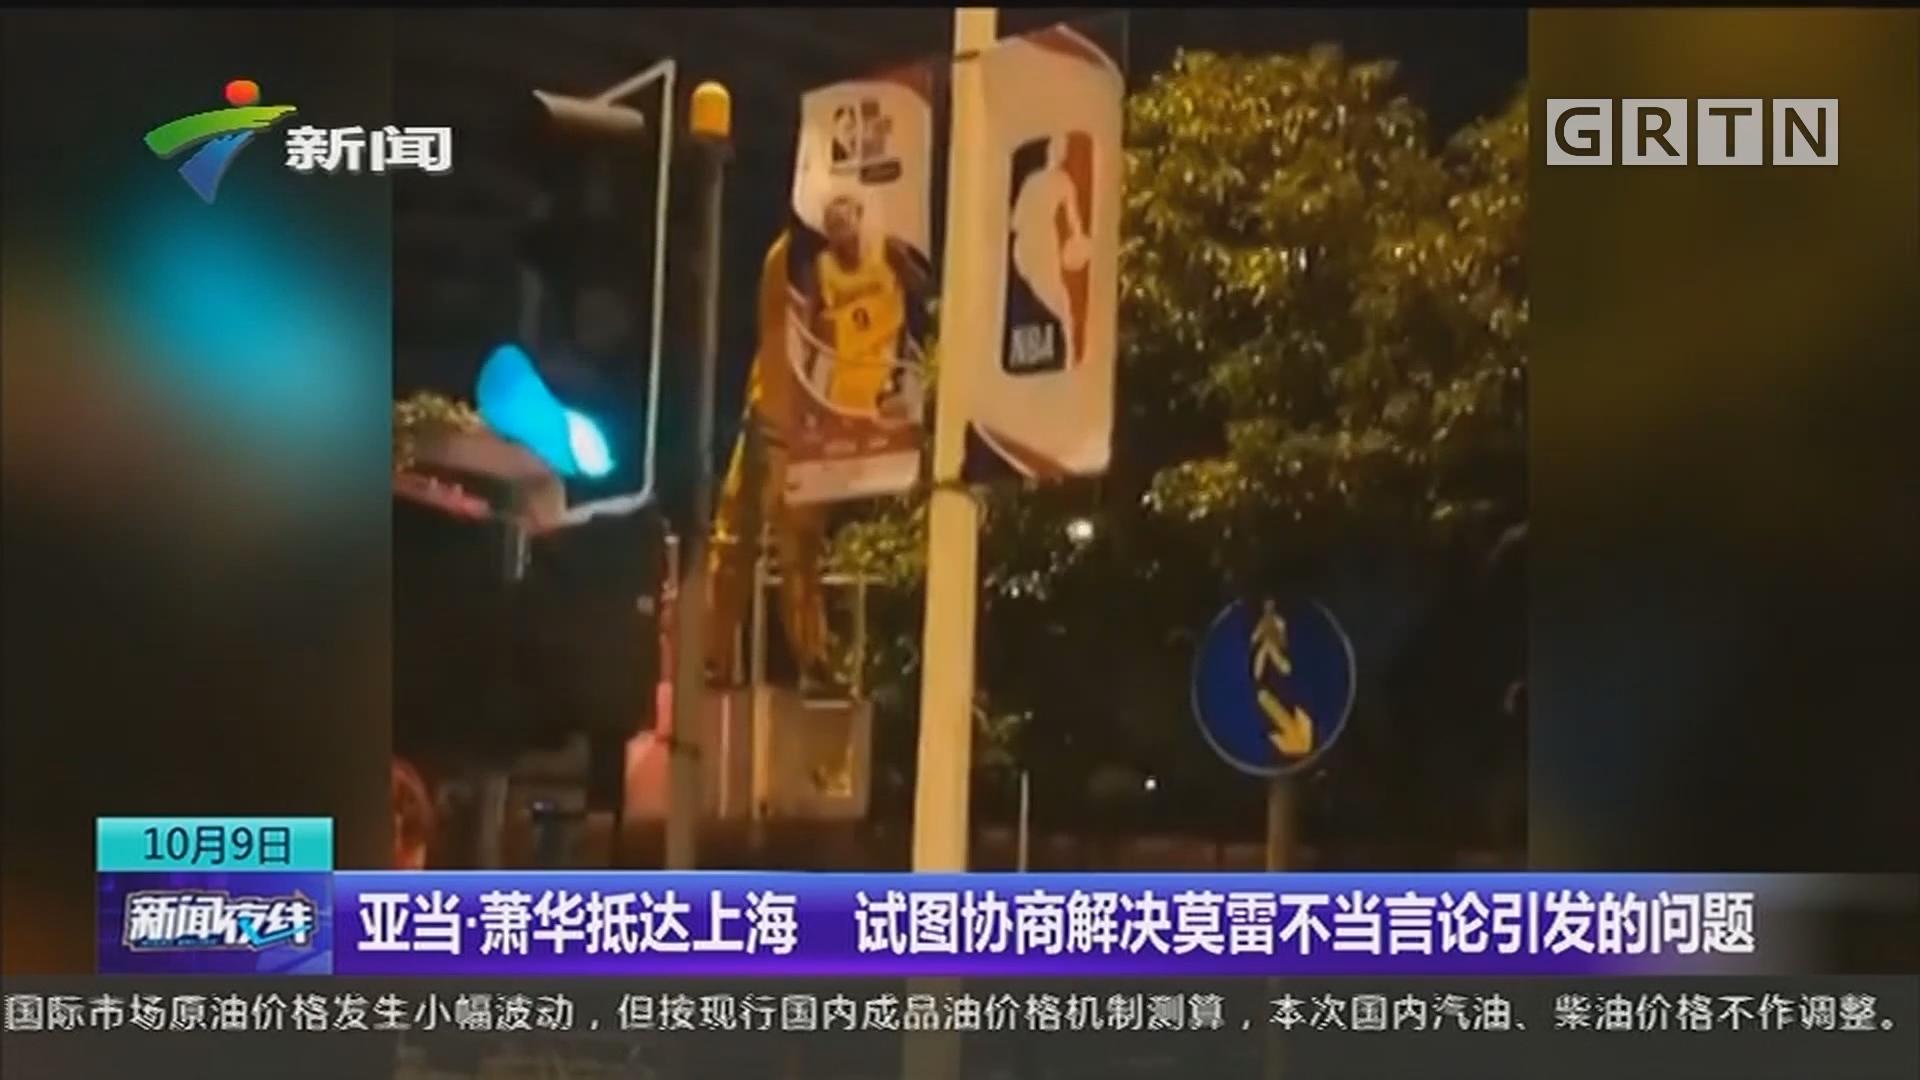 亚当·萧华抵达上海 试图协商解决莫雷不当言论引发的问题